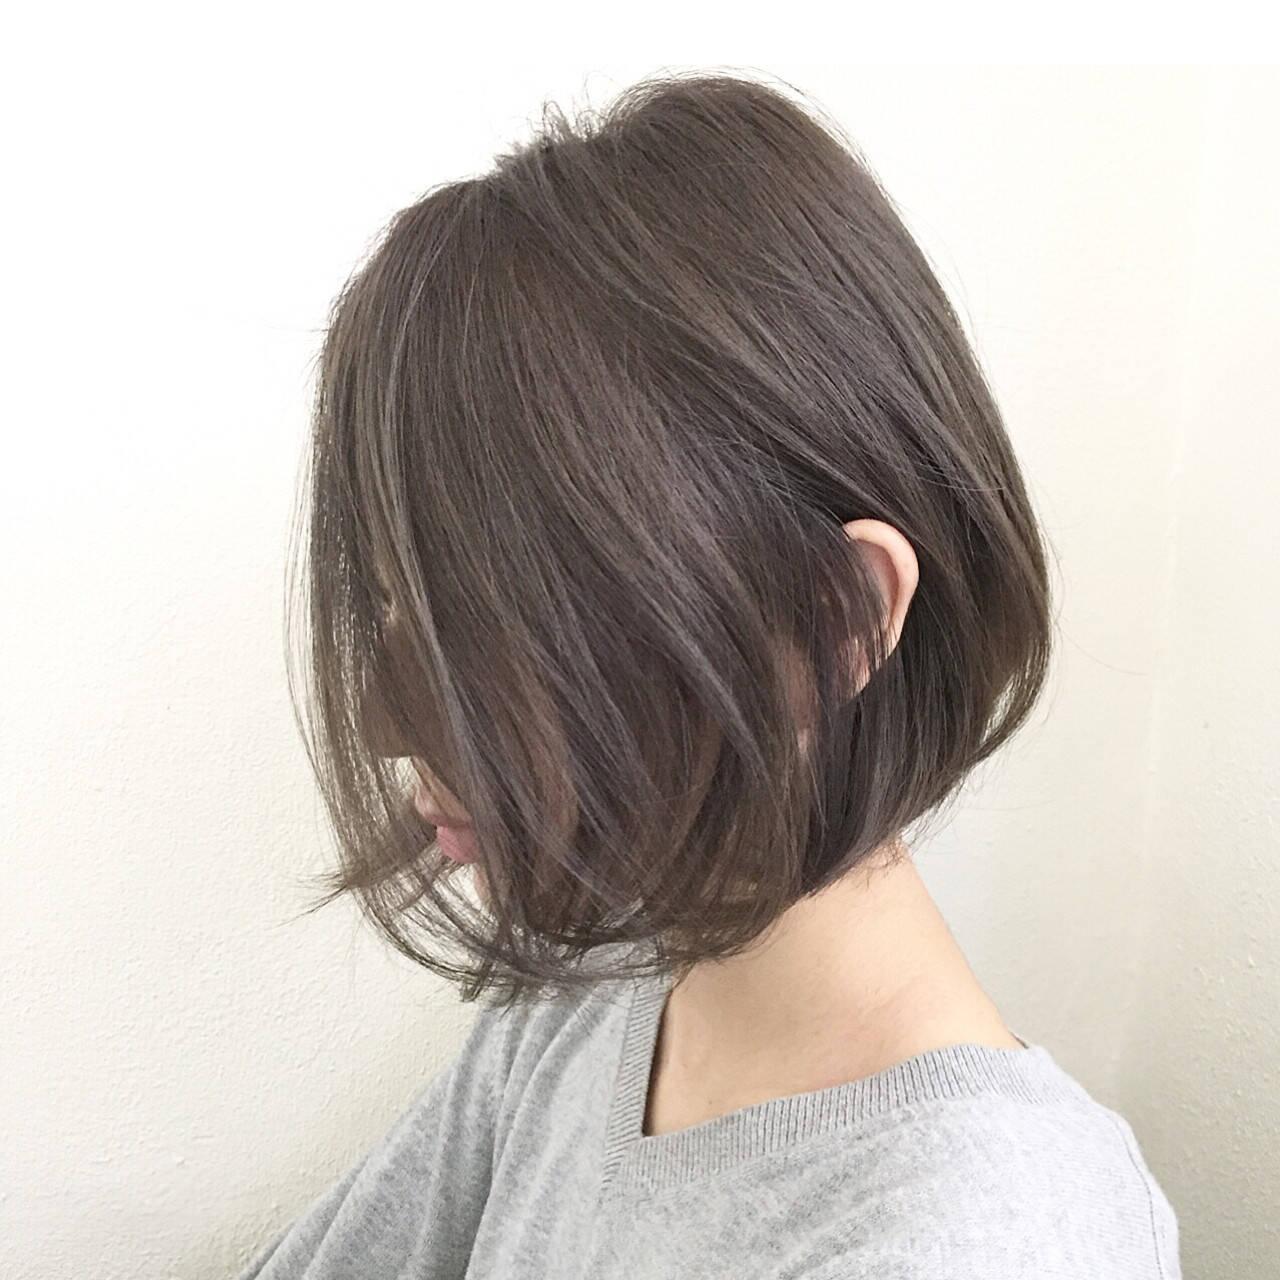 大人女子 小顔 アッシュ ミルクティーヘアスタイルや髪型の写真・画像